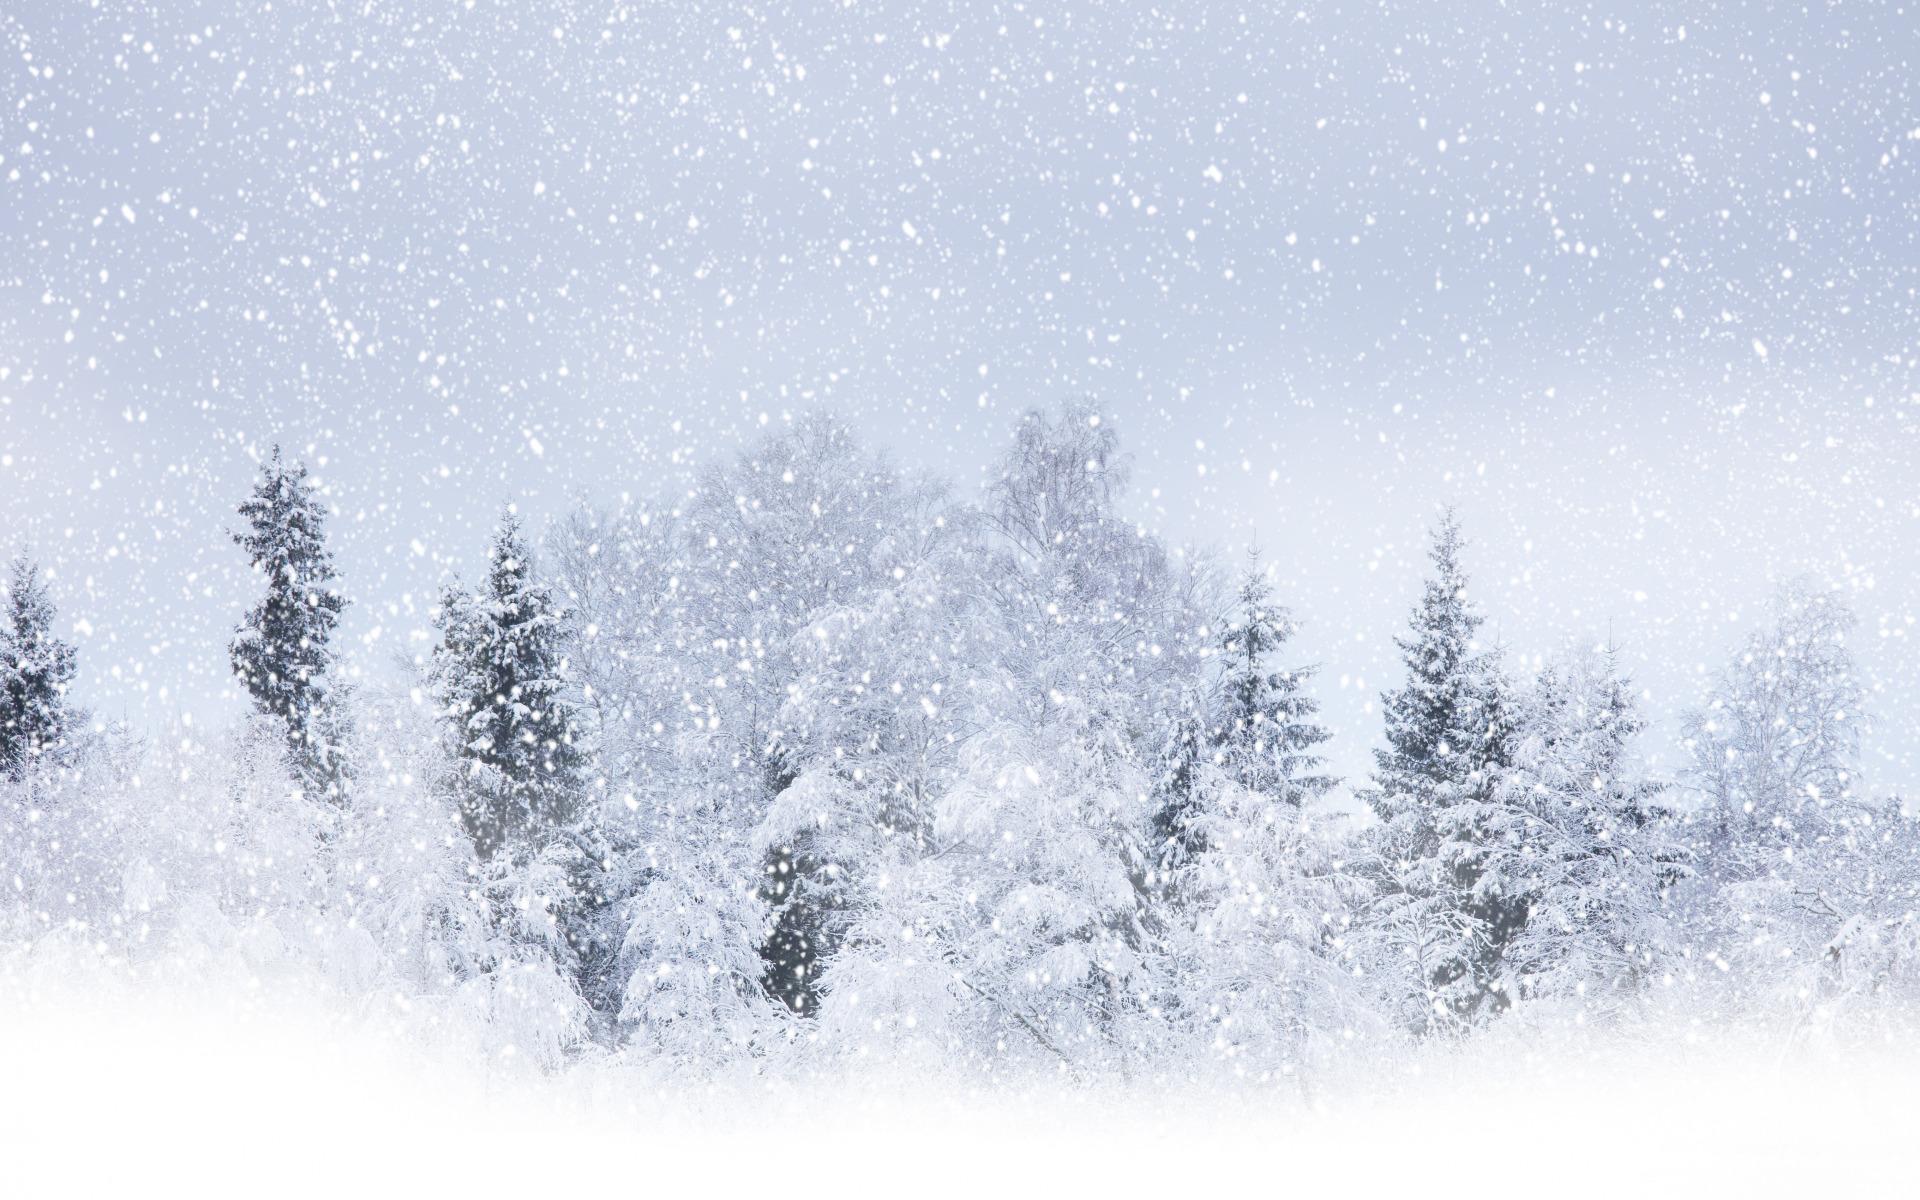 процессы картинка с снегом что называется нашем интернет-магазине